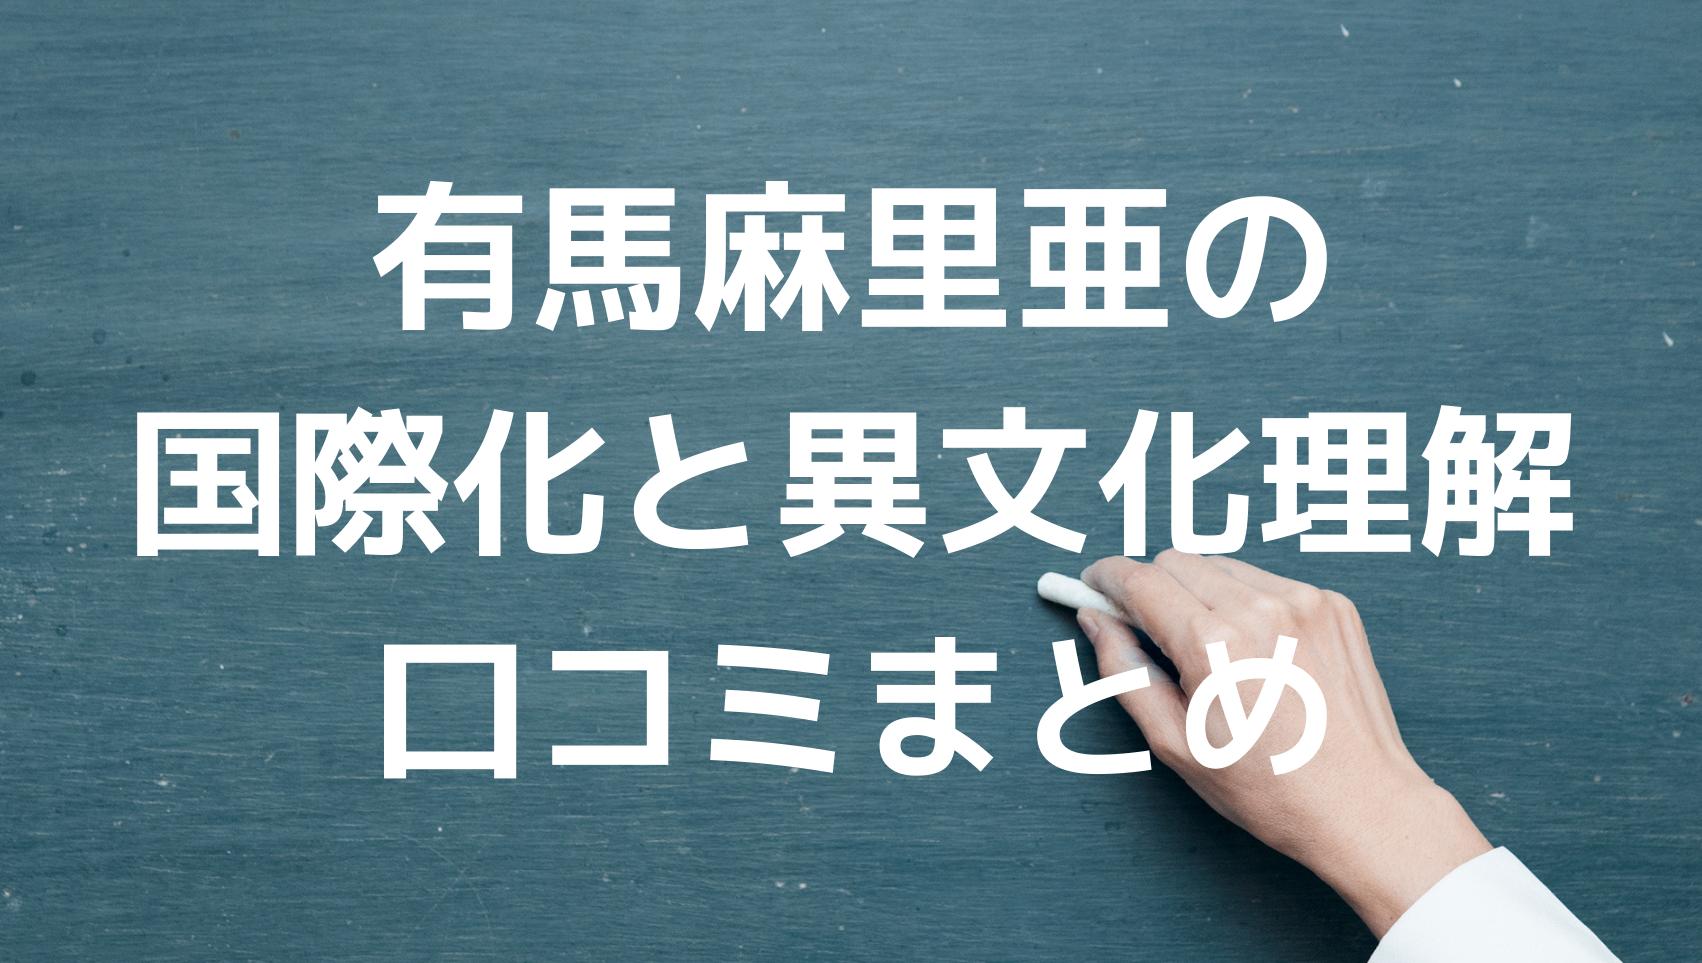 有馬麻里亜先生の国際化と異文化理解